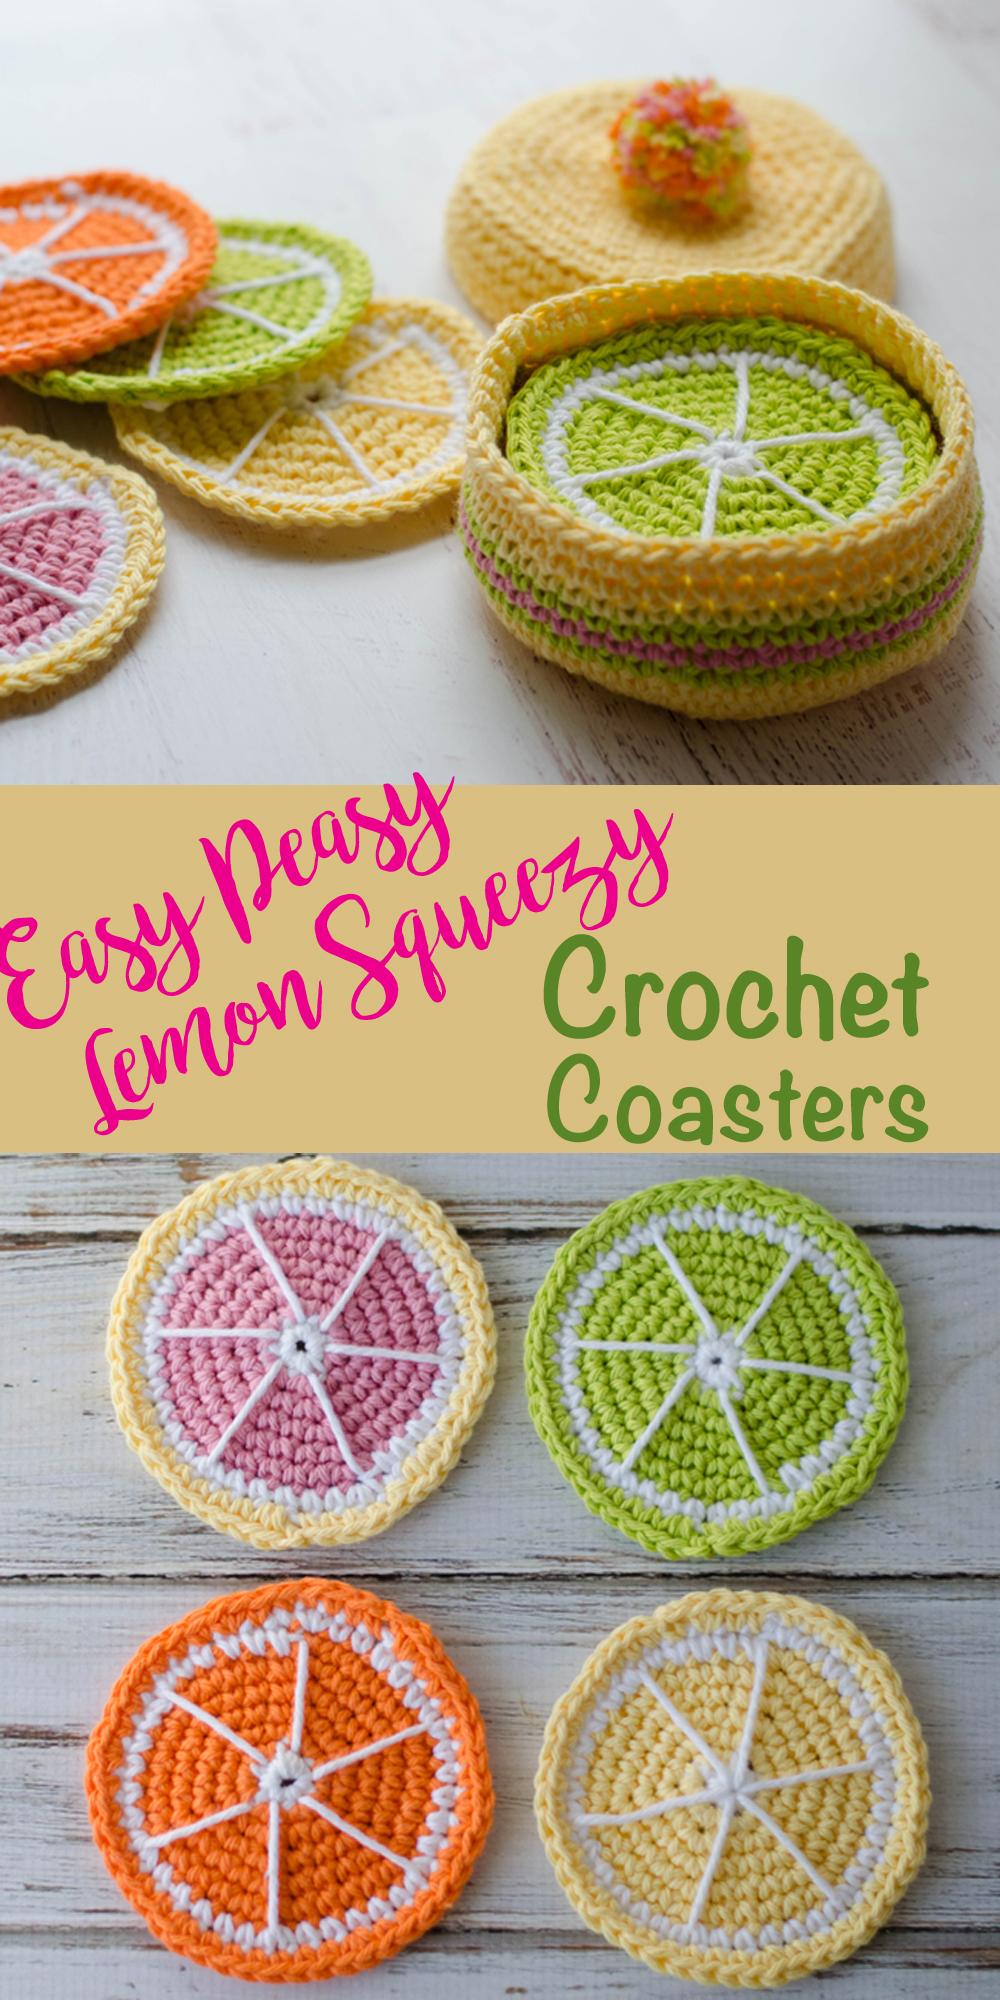 Fruit crochet coaster pattern